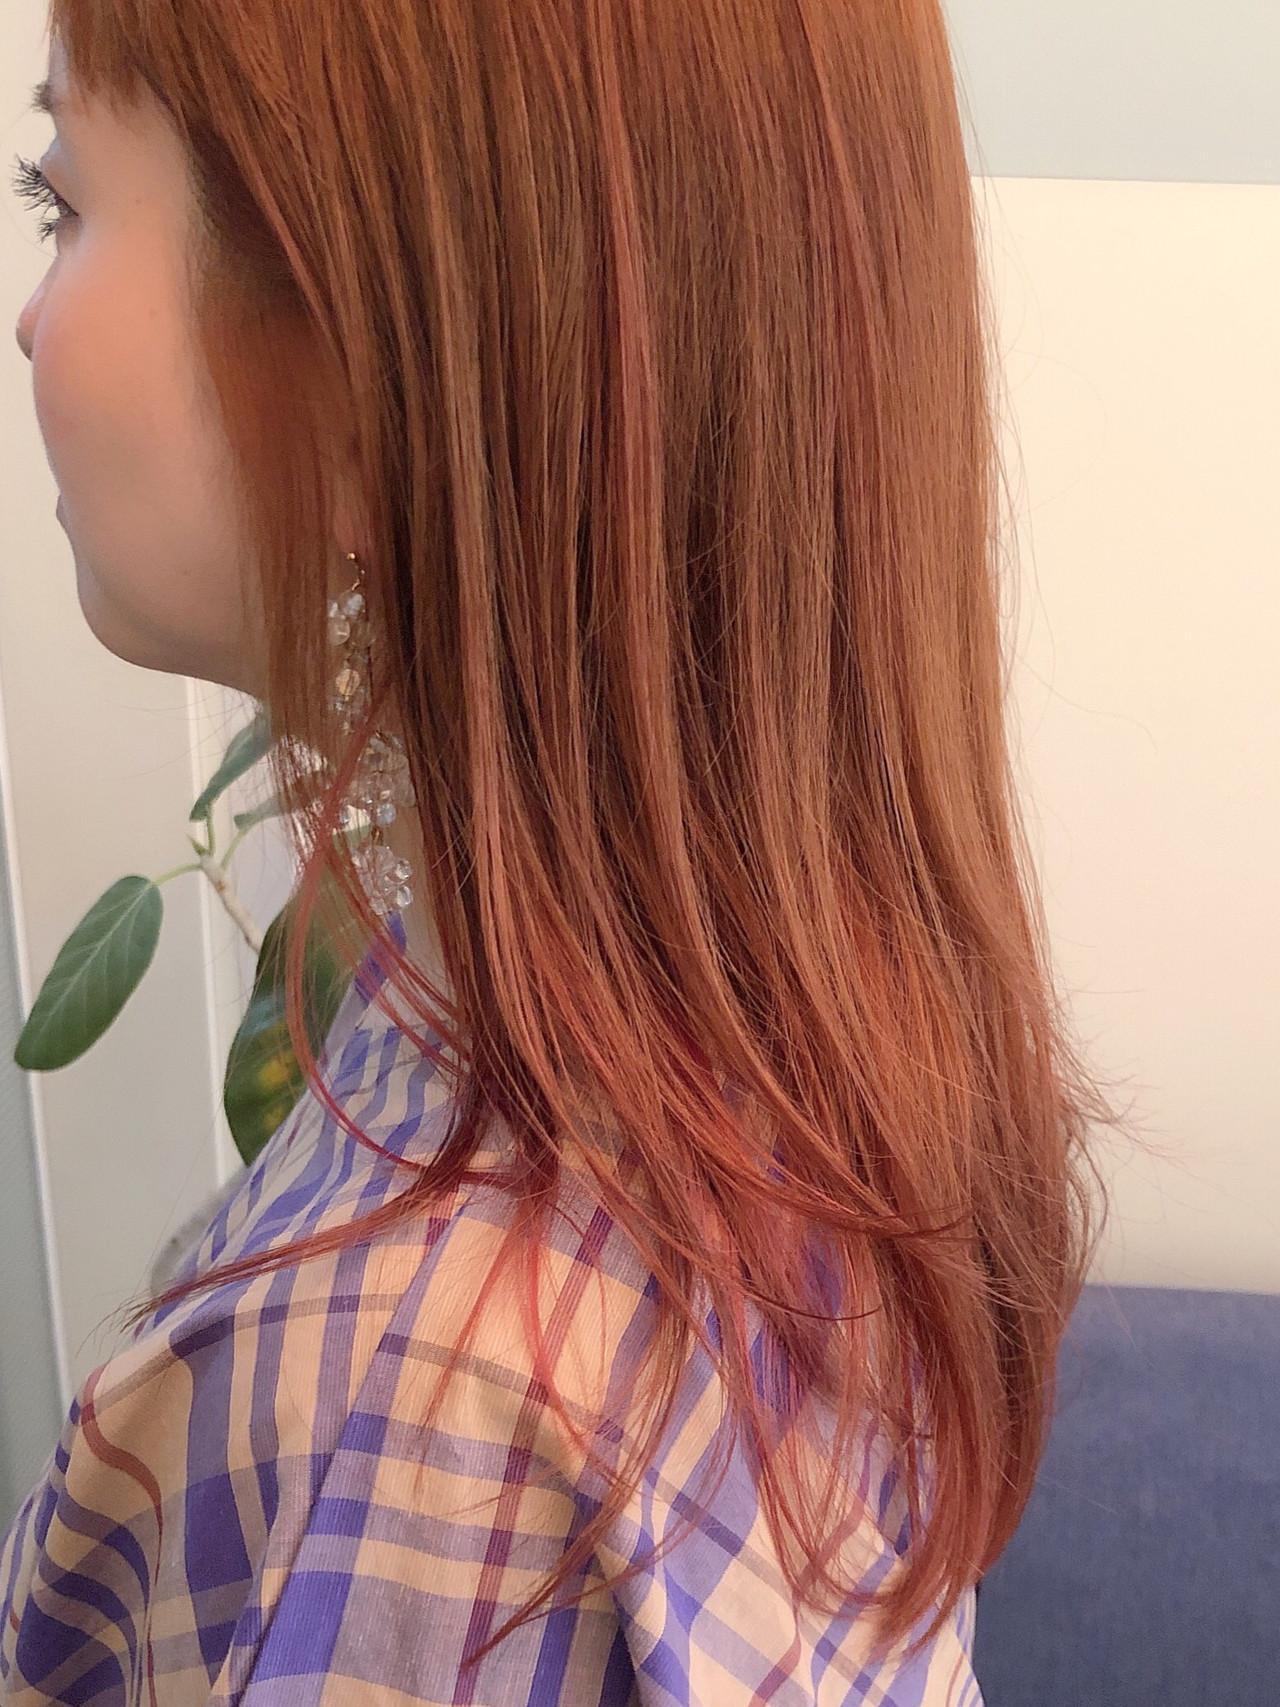 ガーリー オレンジベージュ オレンジ アプリコットオレンジ ヘアスタイルや髪型の写真・画像 | 花井啓好 / mateca hairマテカヘアー